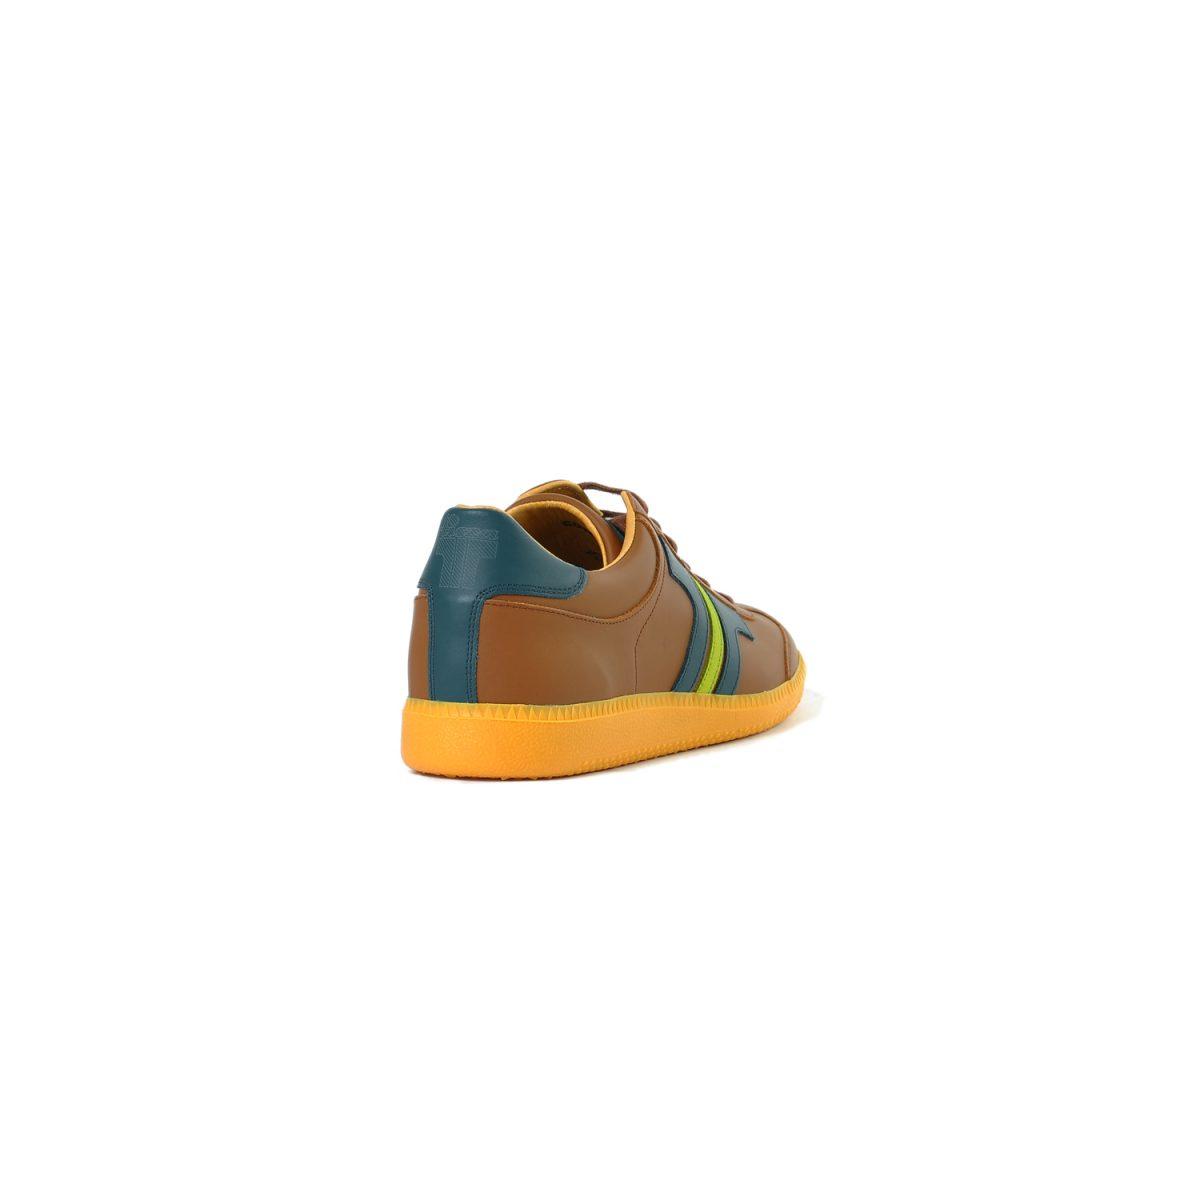 Tisza shoes - Compakt - Bronze-bluecoral